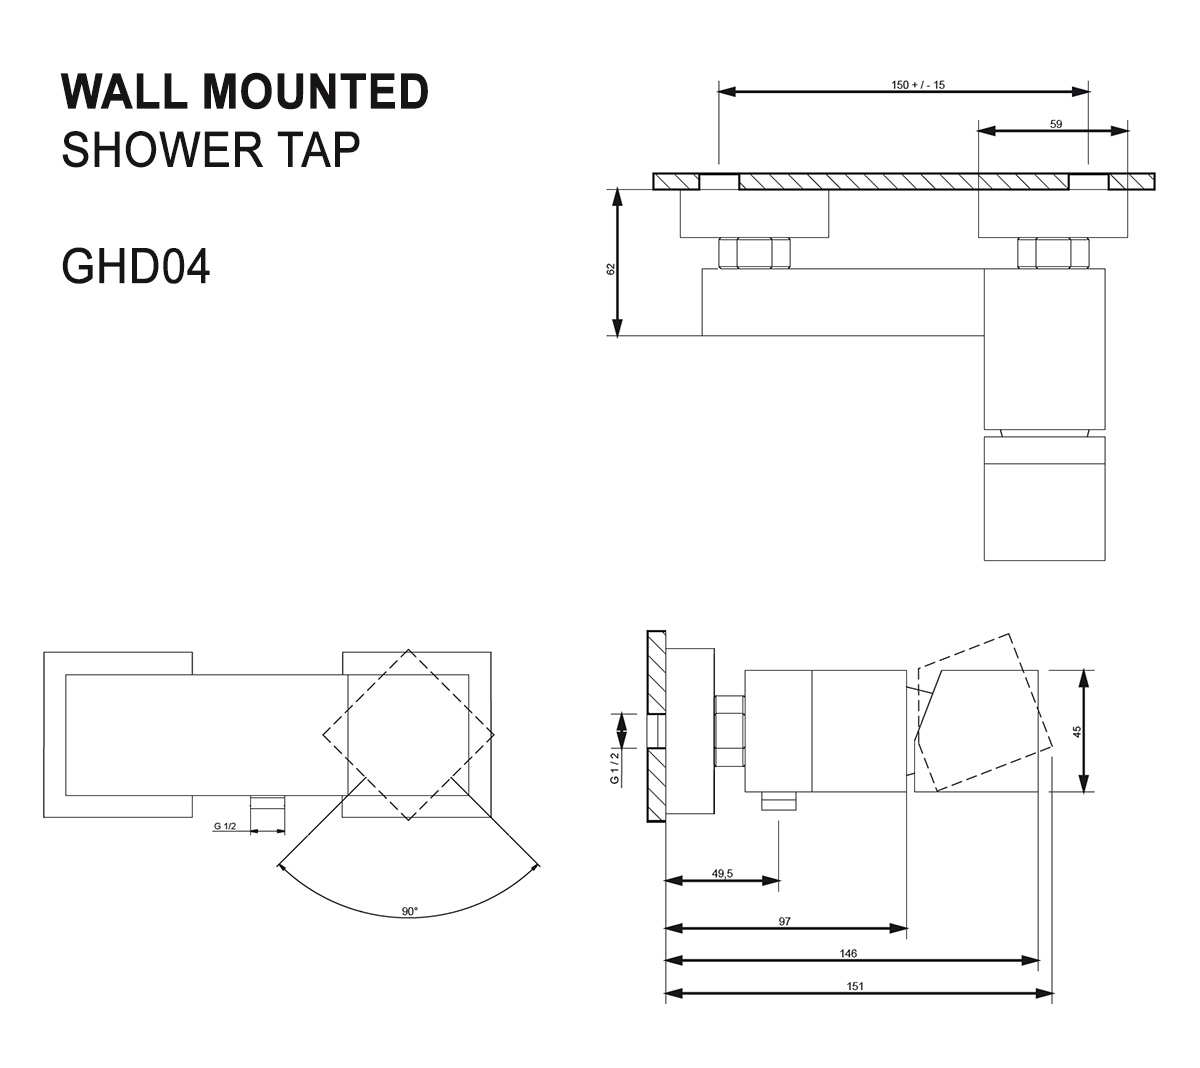 Brausearmatur GHD04 (Technische Zeichnung)